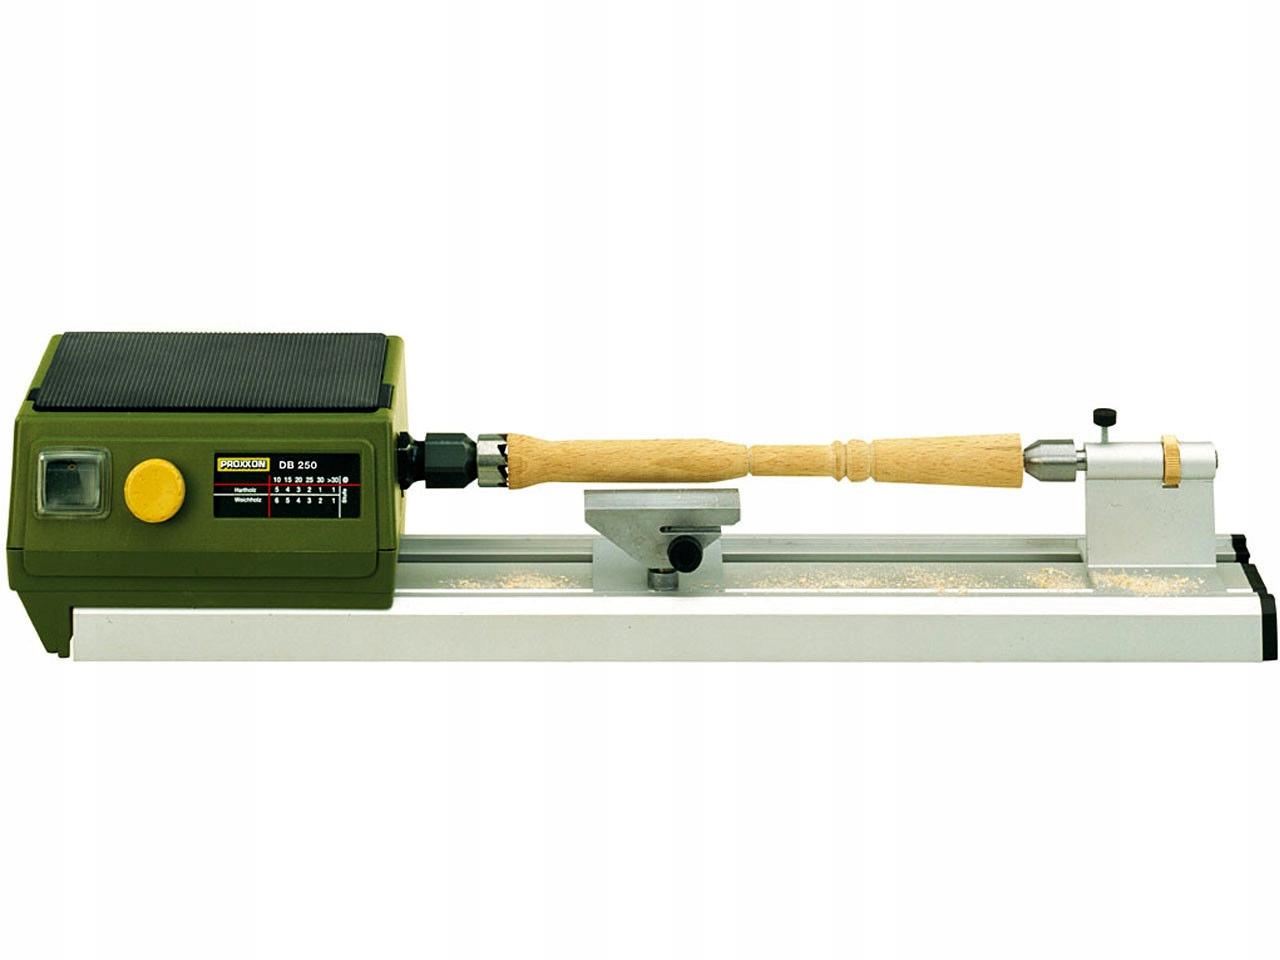 Proxxon 27020 - Mikro Drevo sústruh DB 250